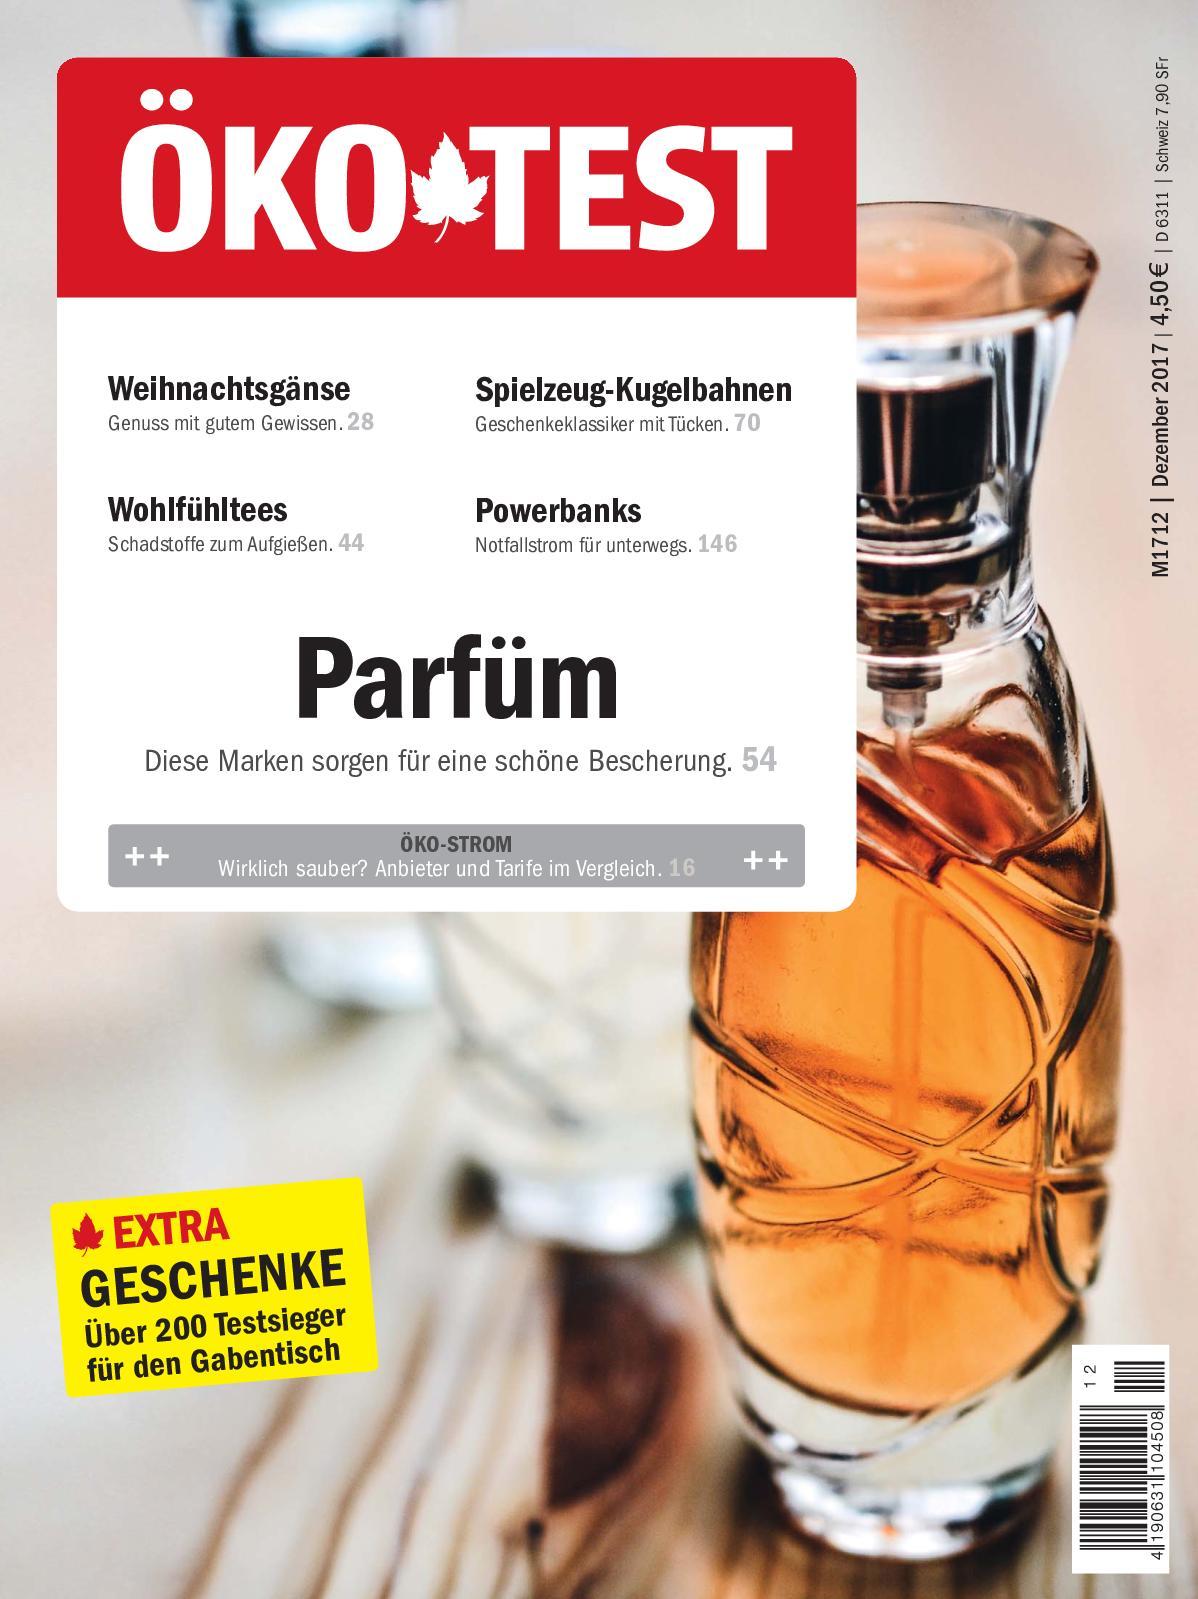 Alte Berufe Flaschen & Gefäße Geschickt Wunderbares Antikes Apotheker Gefäß Pharmazeutische Vorratsdose Klar Und Unverwechselbar